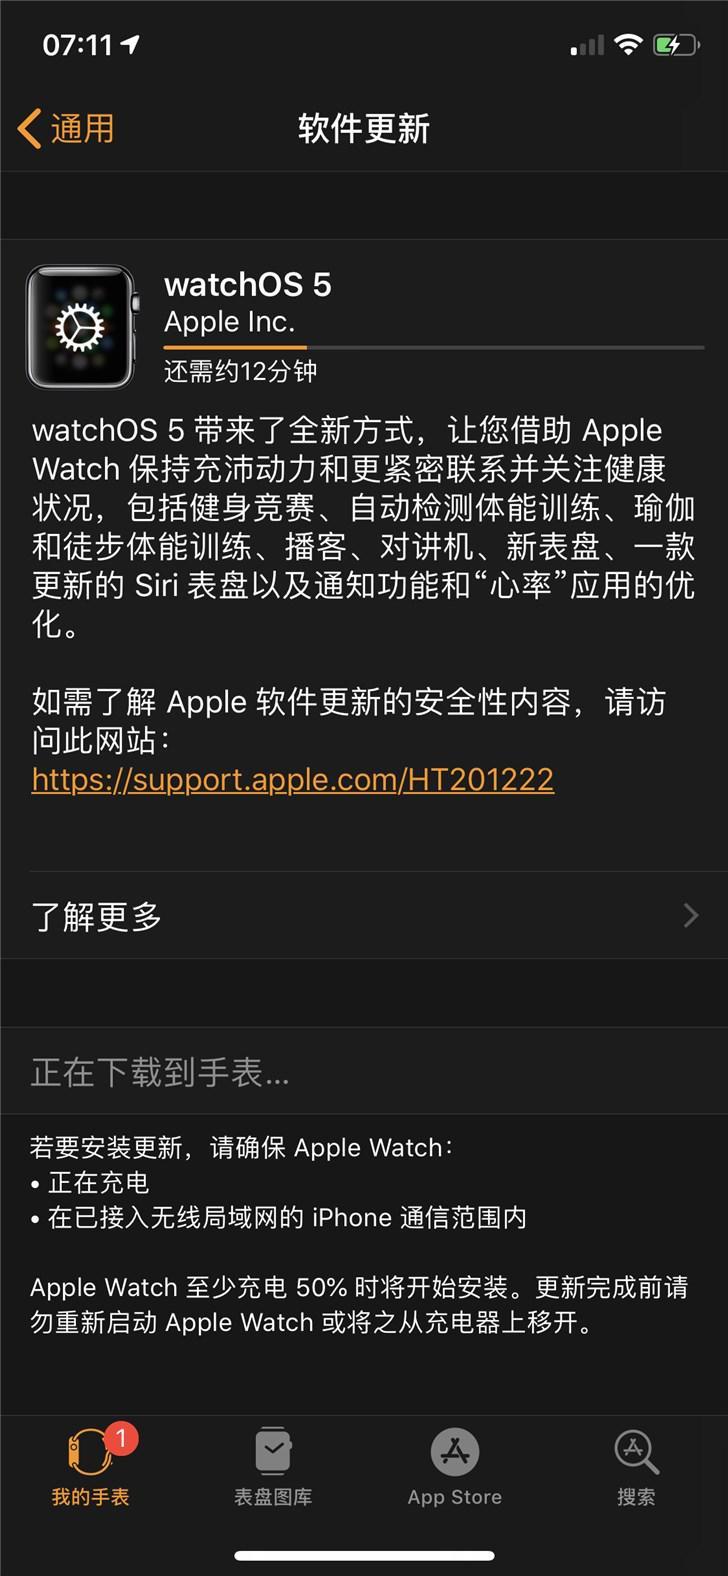 苹果推送watchOS 5正式版更新:可自动检测体能训练